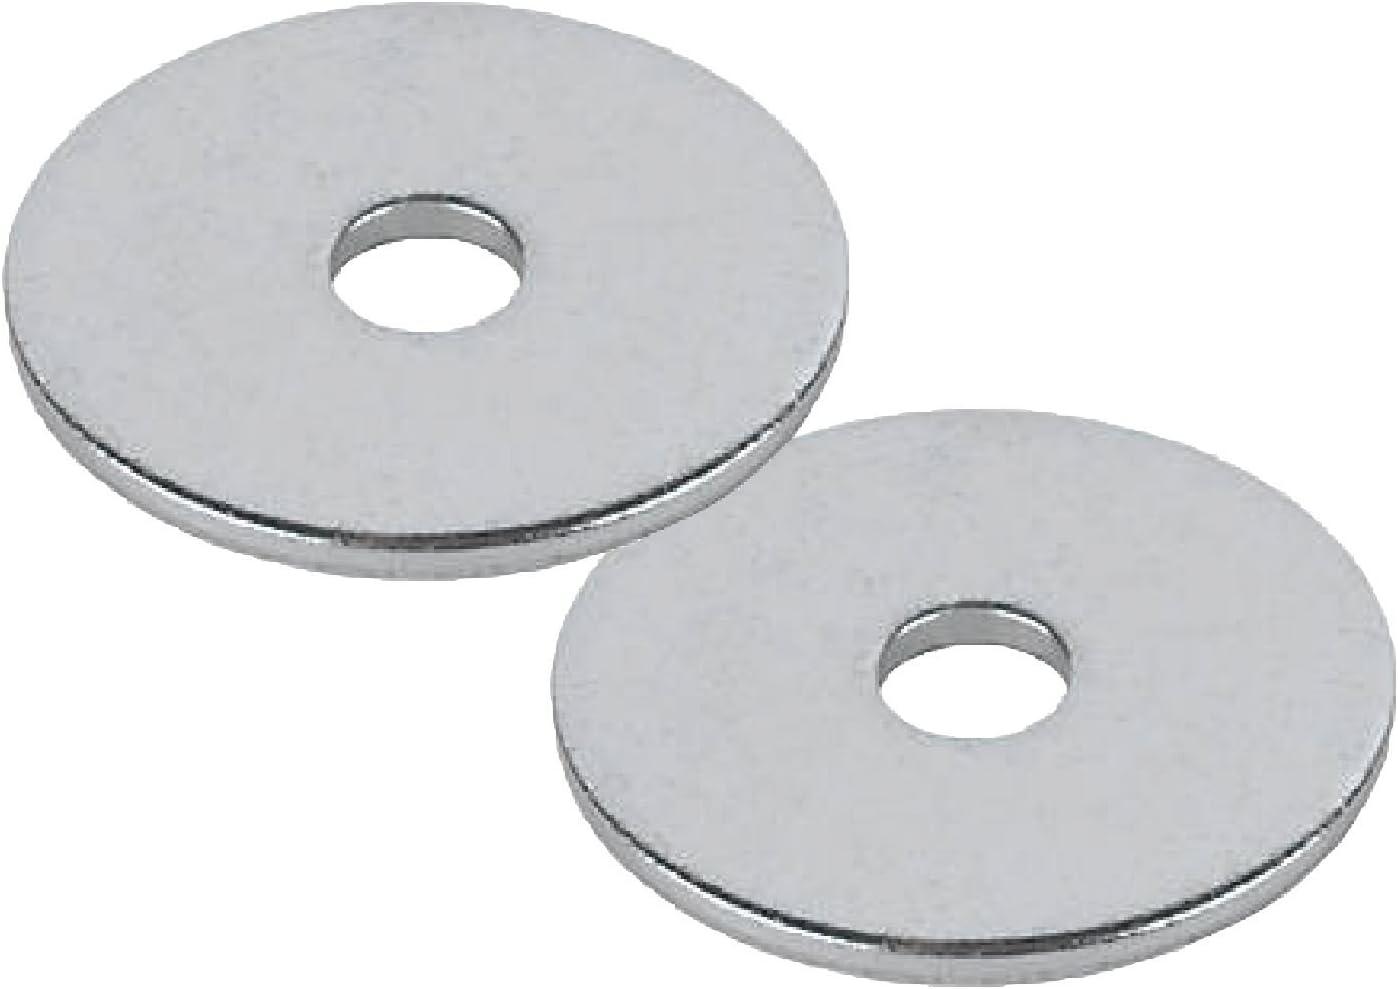 Home.smart 25 x Stahl Penny Repair Unterlegscheiben M10 x 38mm Bright Verzinkt f/ür Muttern Schrauben und Schrauben